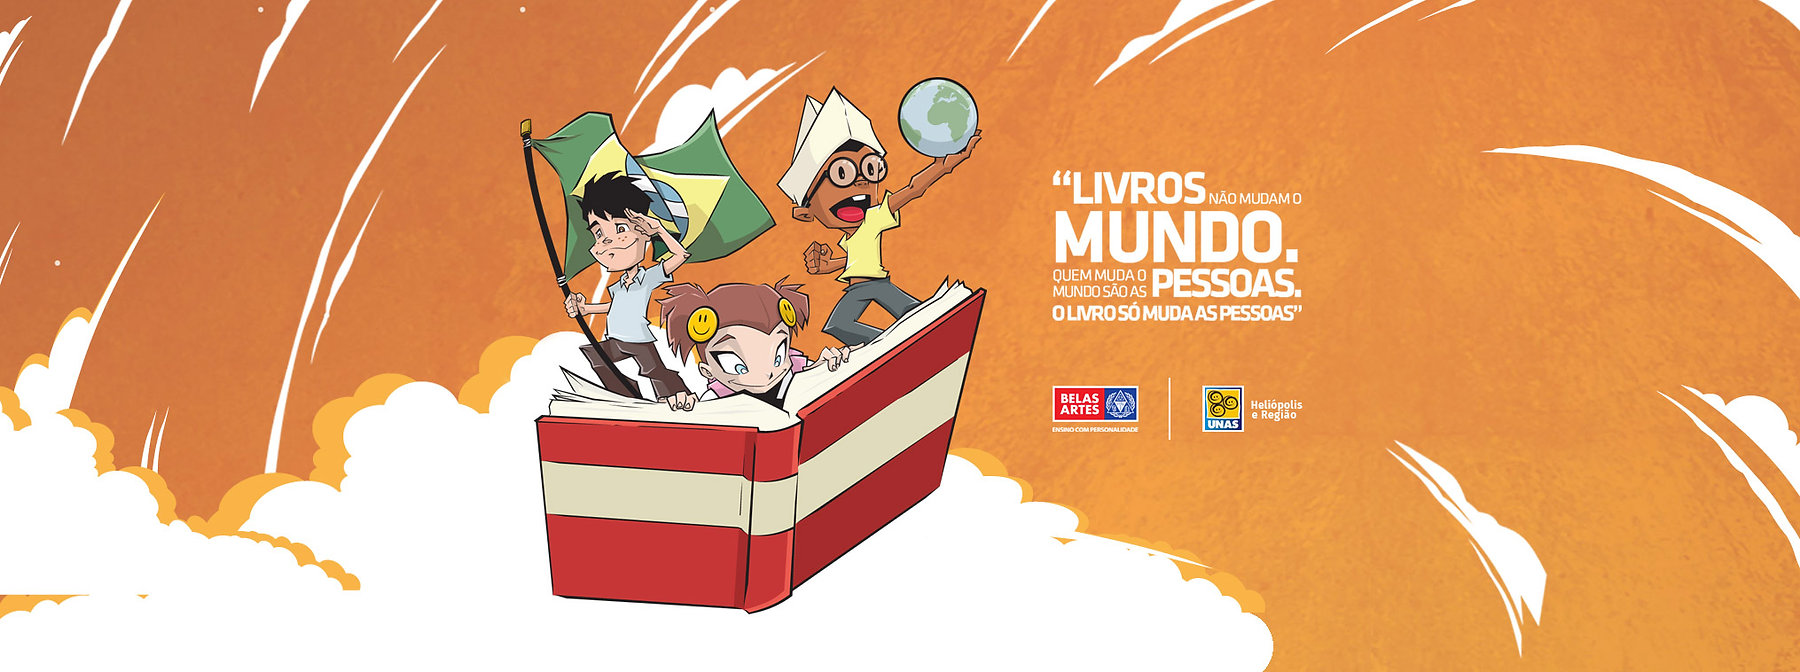 Belas Artes projeto Unas Heliópolis